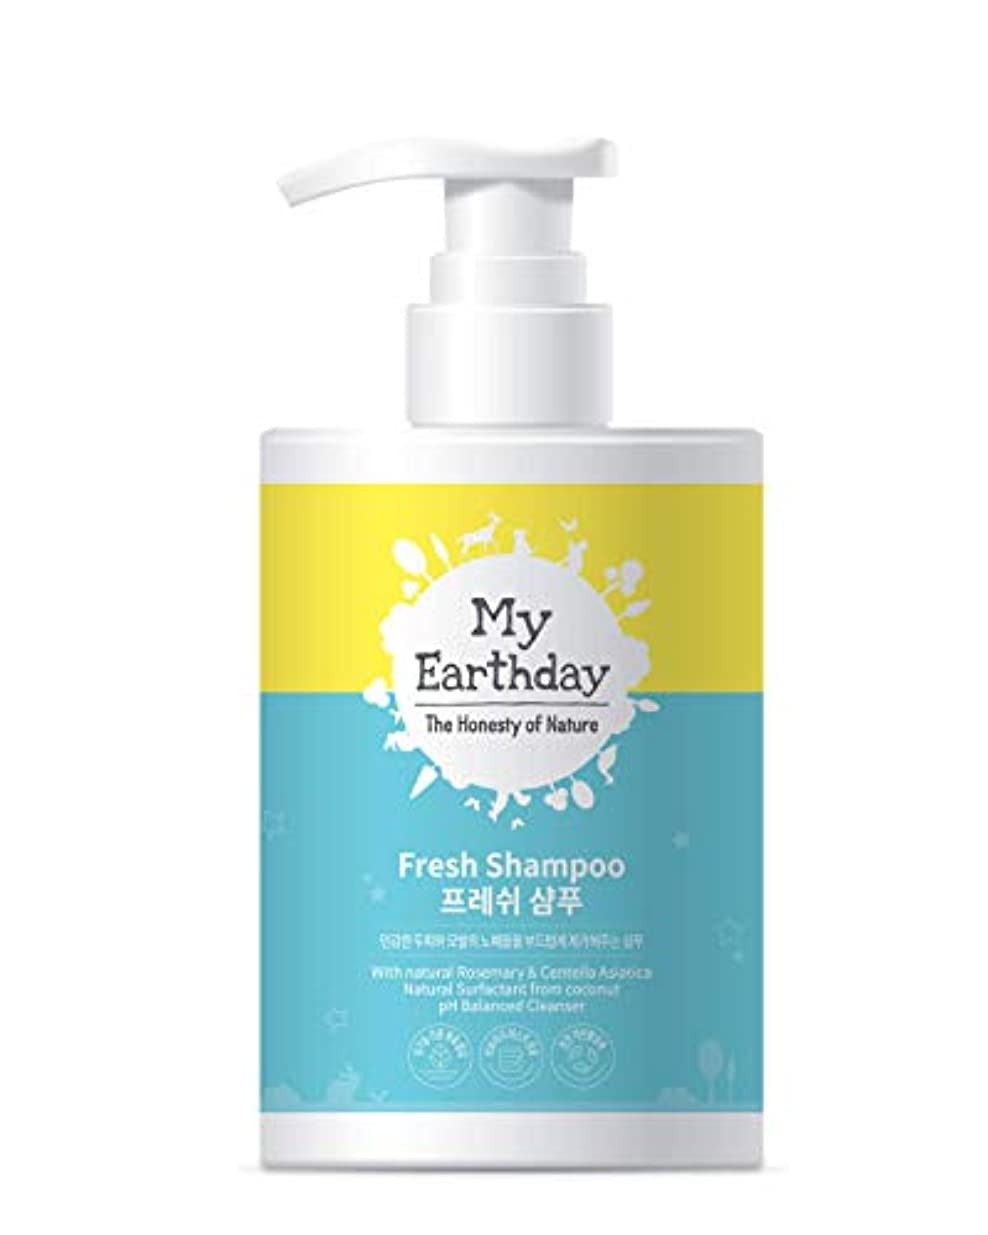 足首寓話シャイ[MyEarthday] Fresh Shampoo 18g / 0.63oz x 5 Sheets